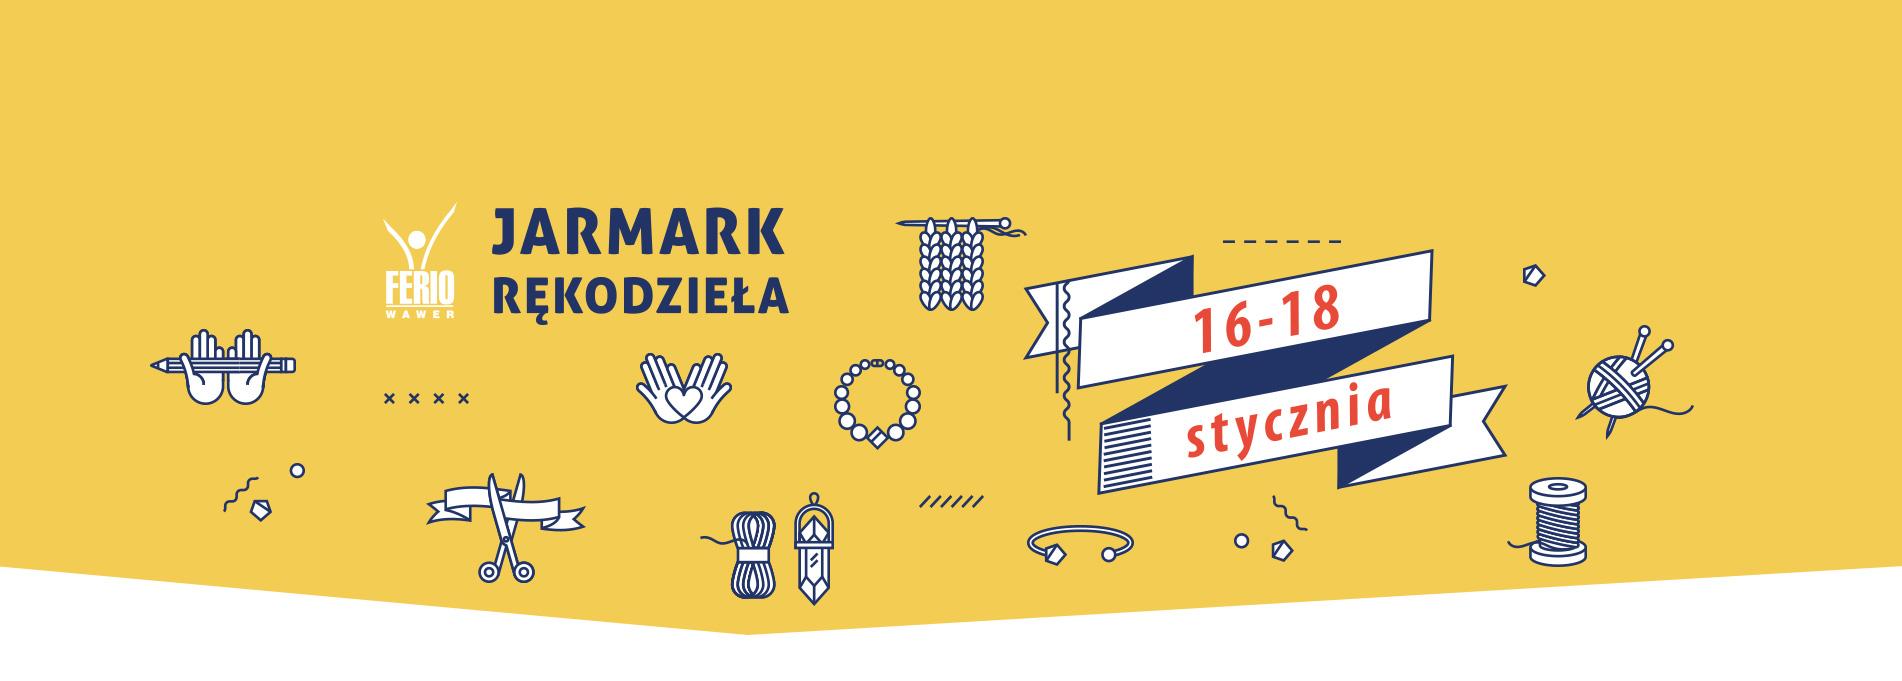 Jarmark Rękodzieła 16-18.01.2020